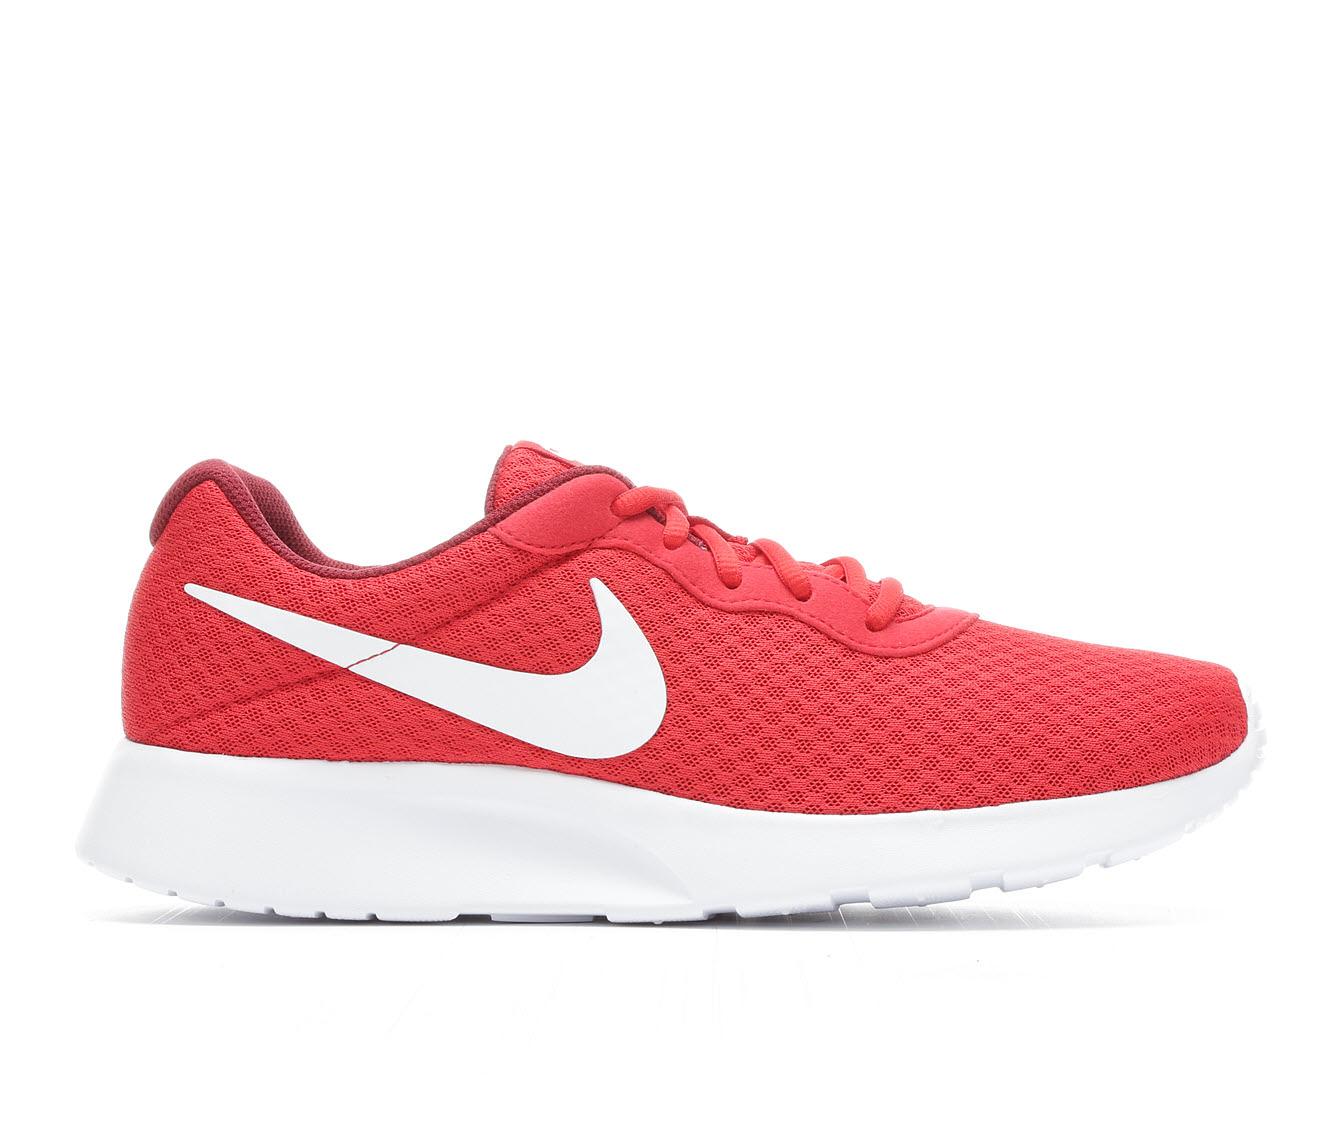 Men's Nike Tanjun Running Shoes (Red - Size 11.5) 1657718